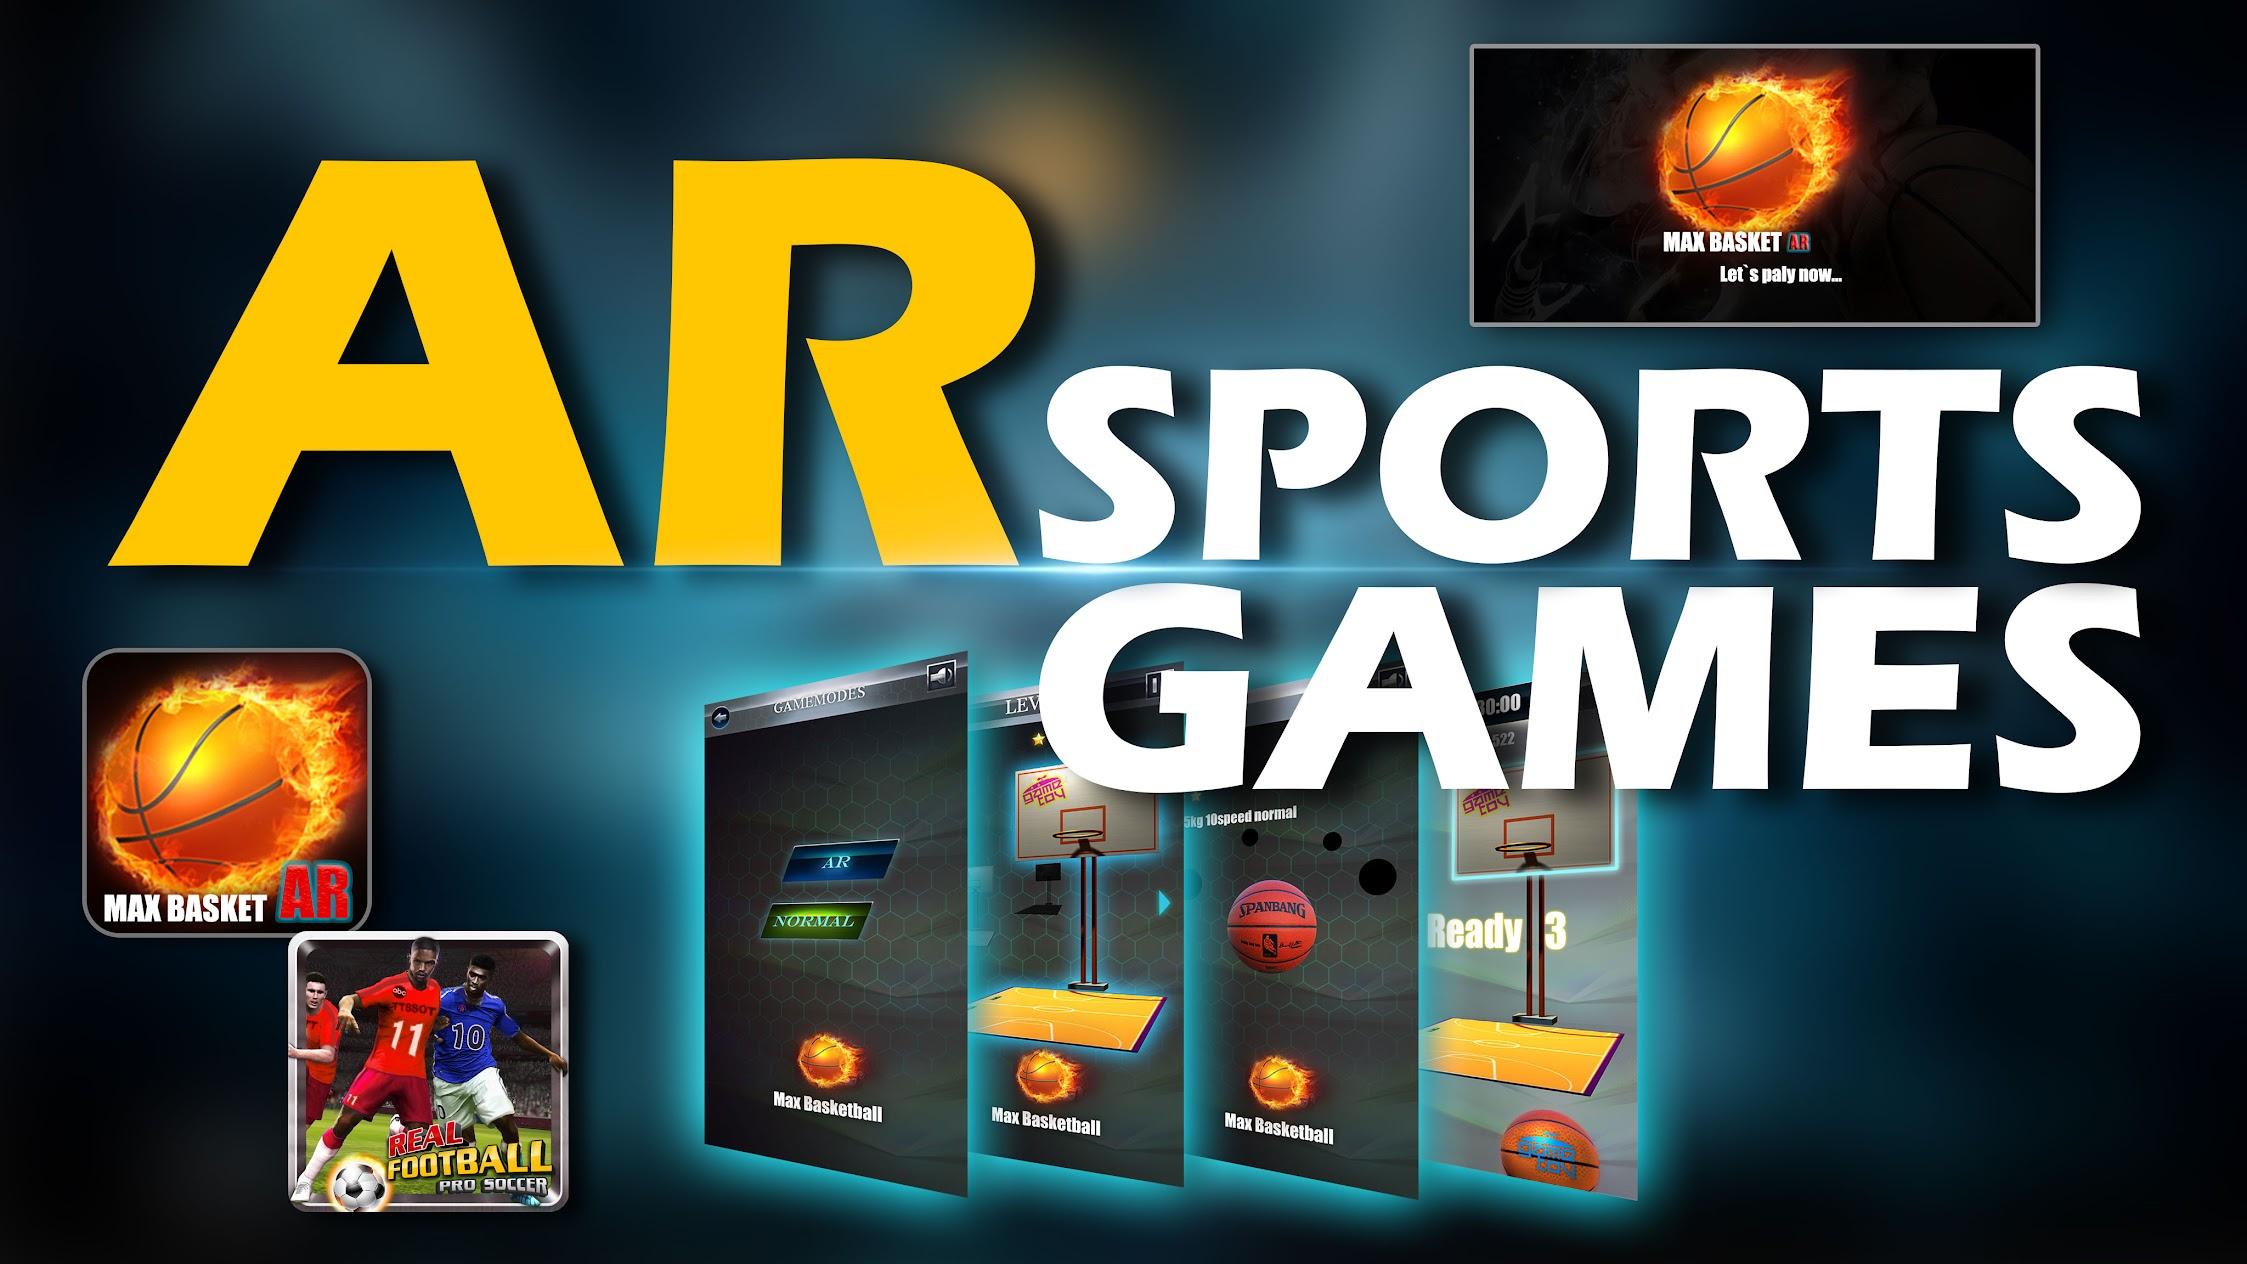 AR SportsGames